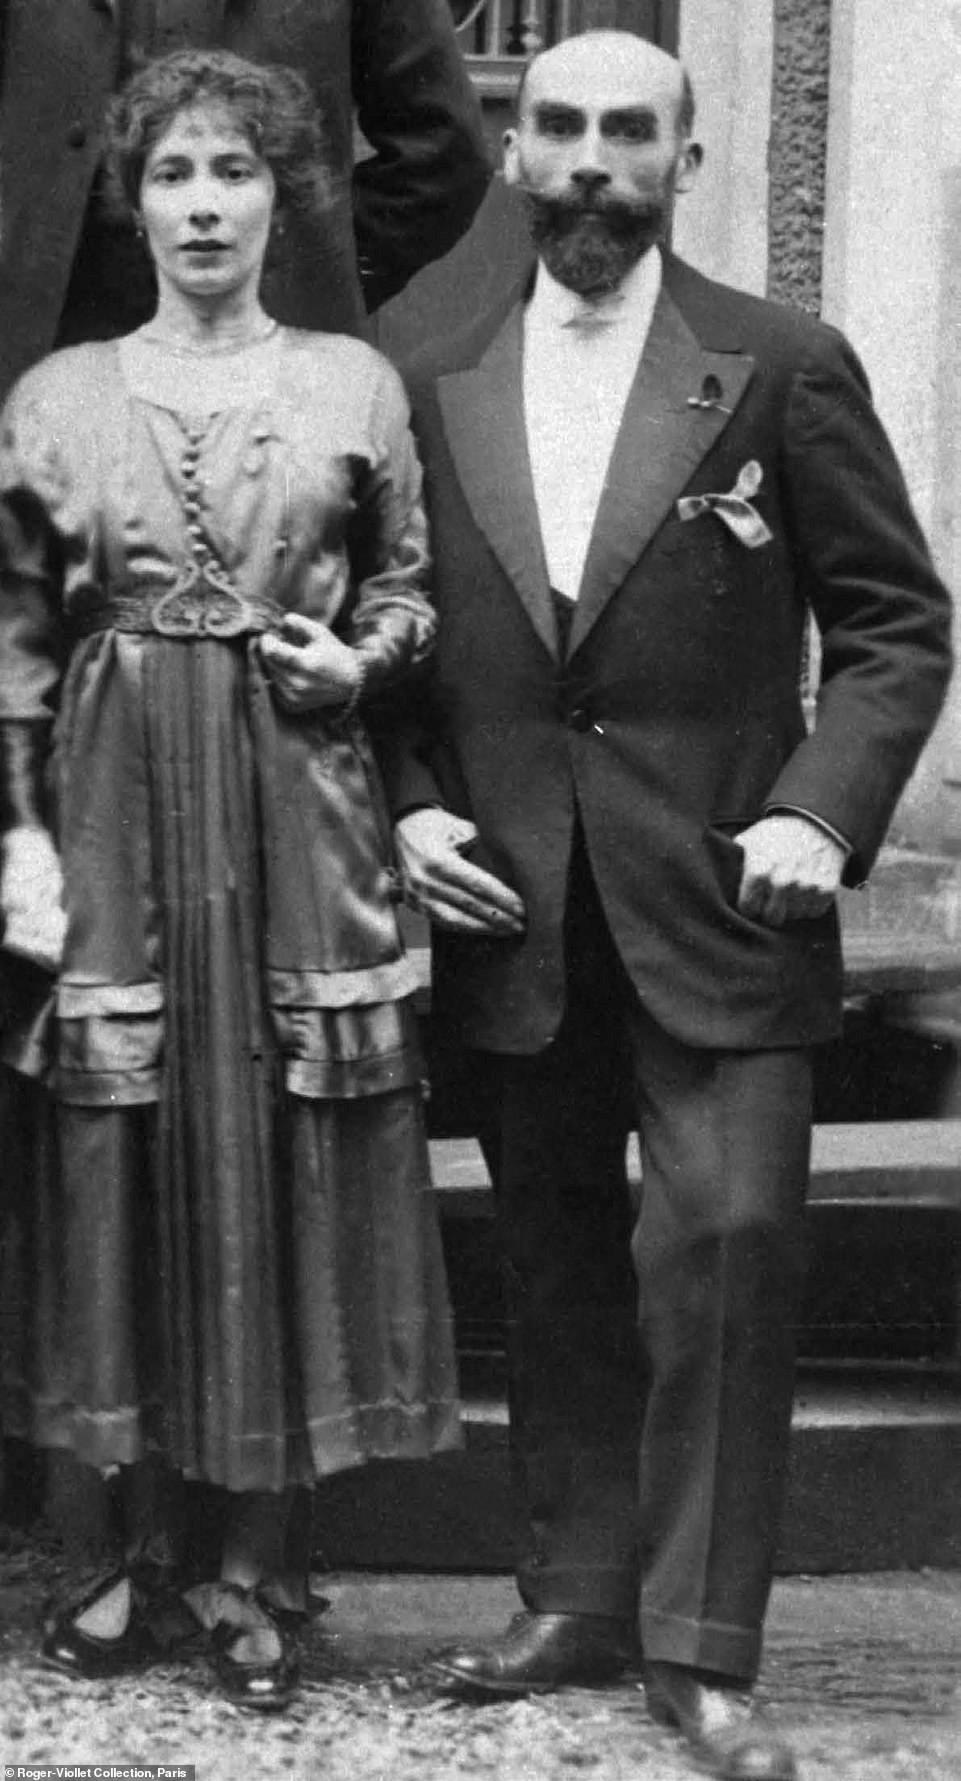 Henri Landru a Remy Landru